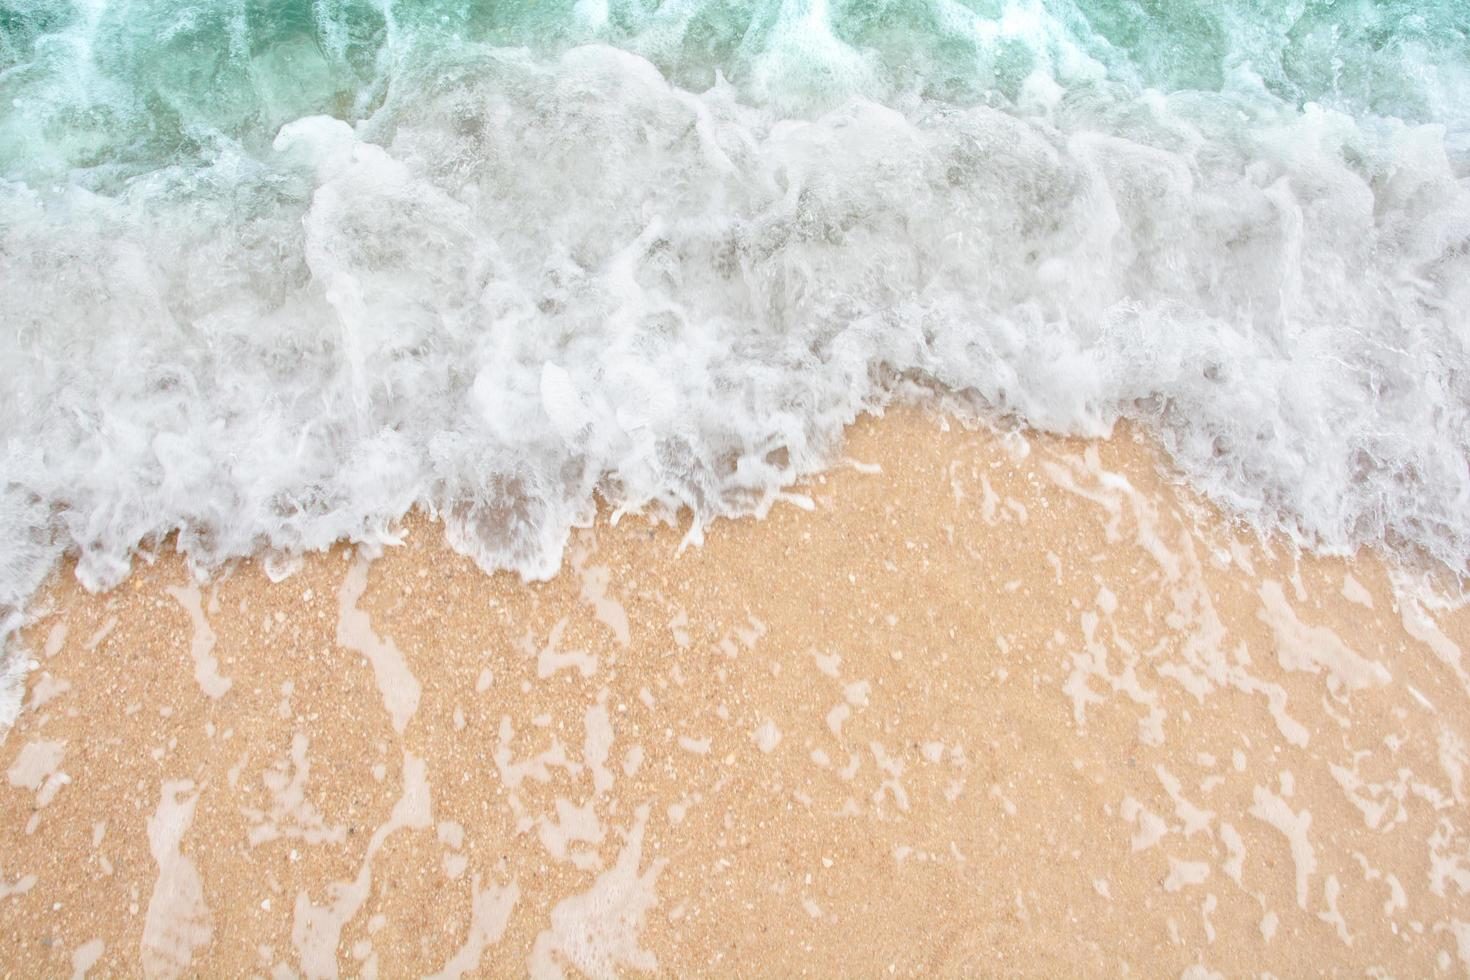 vagues douces sur la mer photo